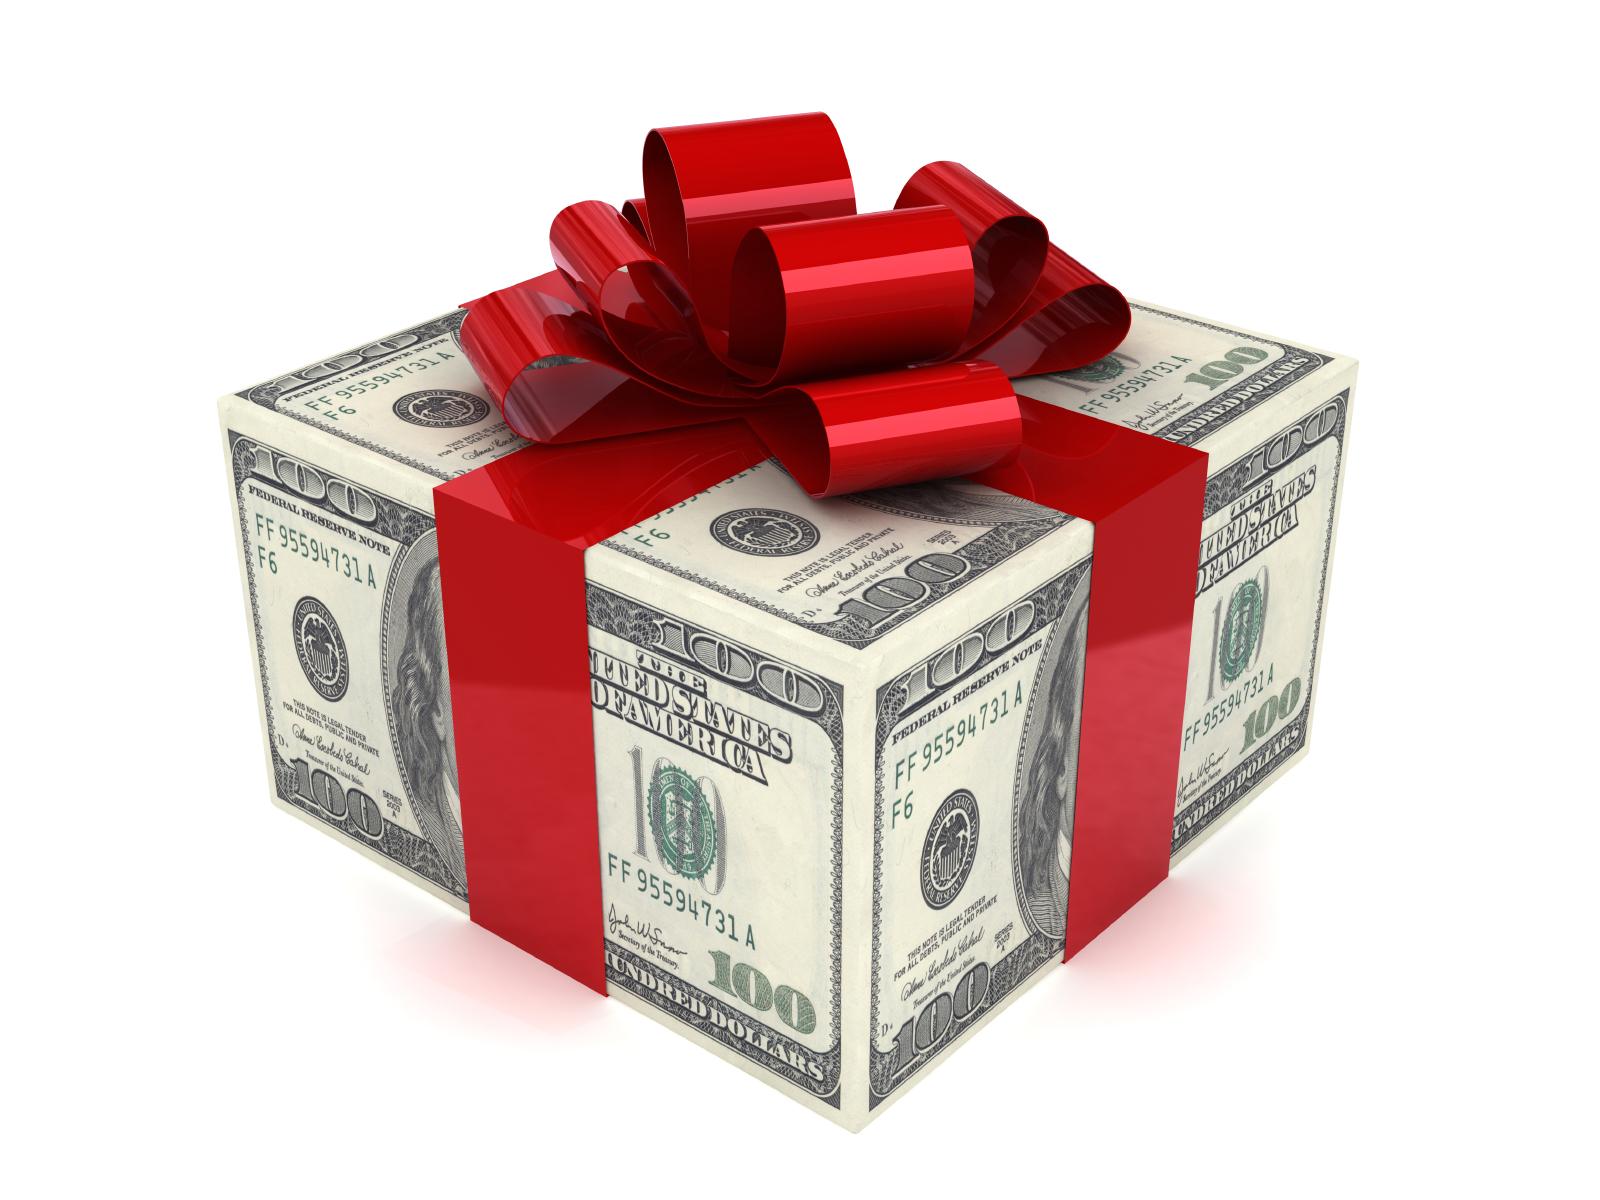 Donazione indiretta di immobile studio legale innocenti - Donazione indiretta immobile ...